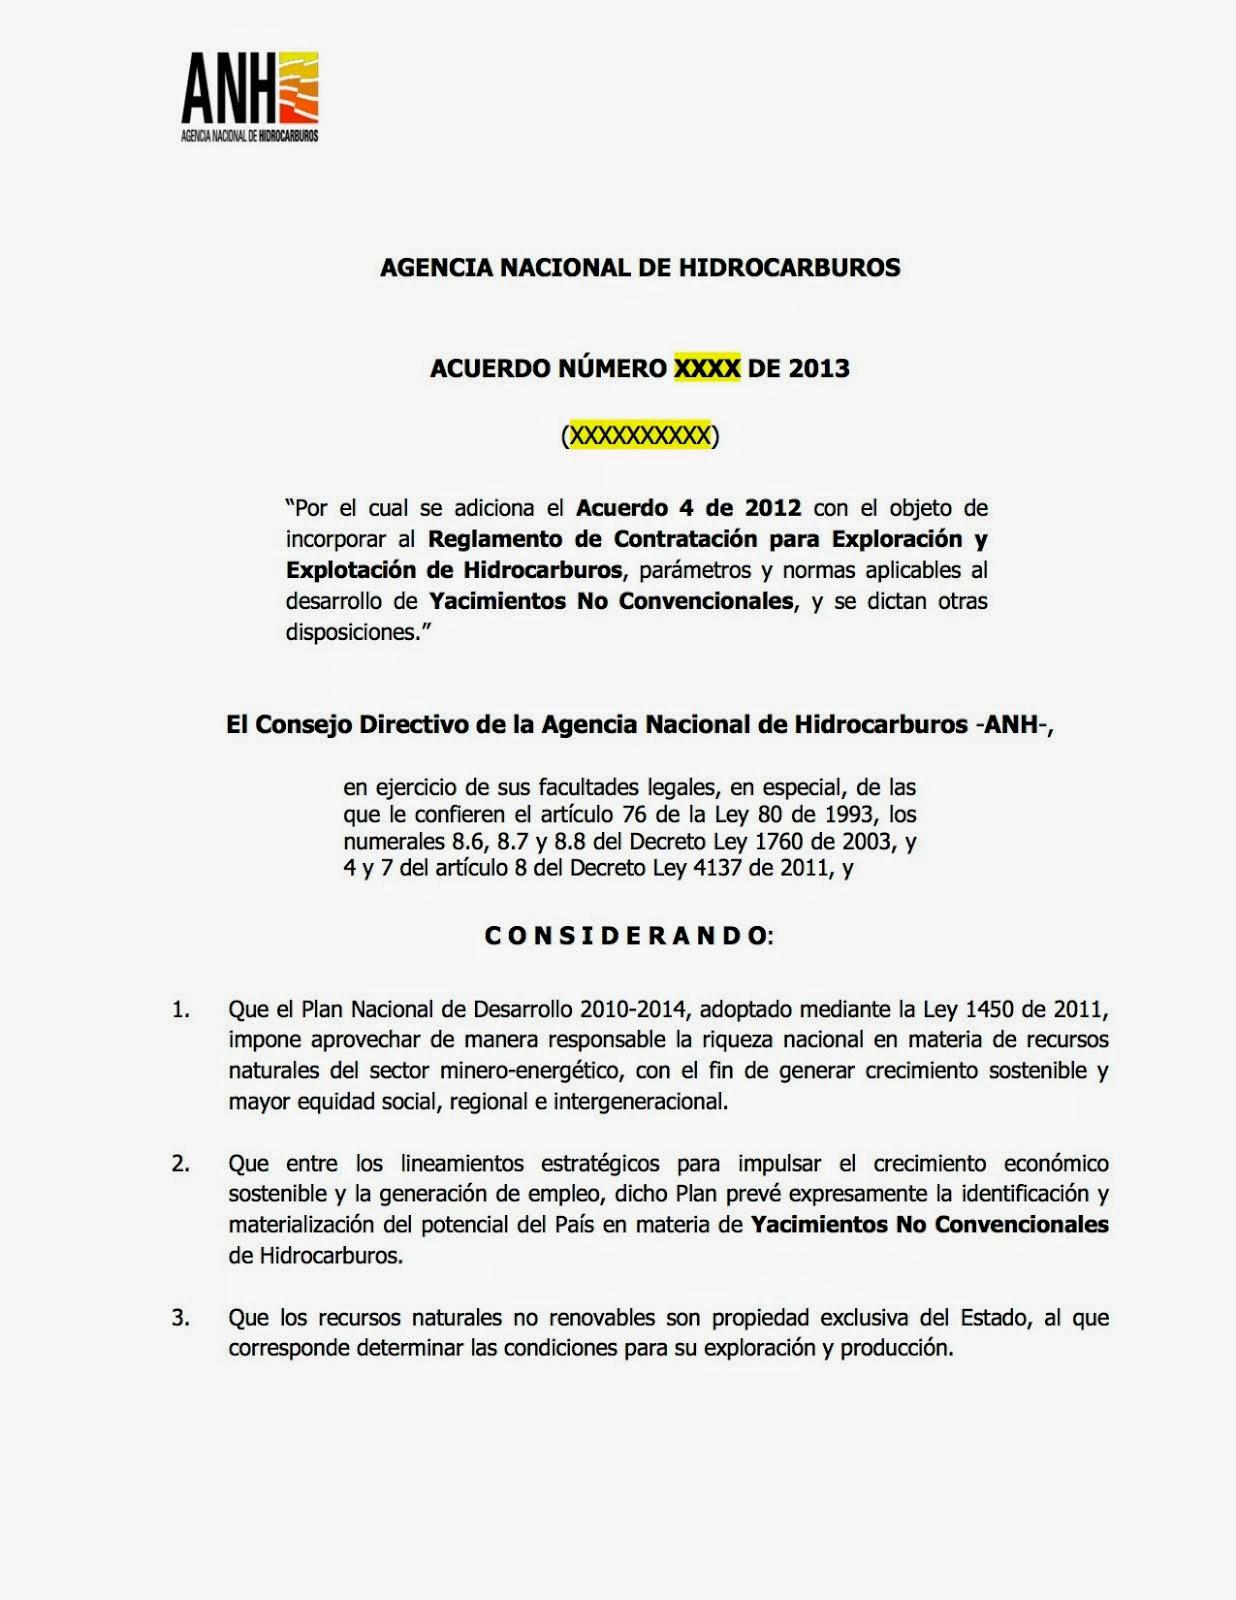 Proyecto Reglamento Explotación Yacimientos No Convencionales